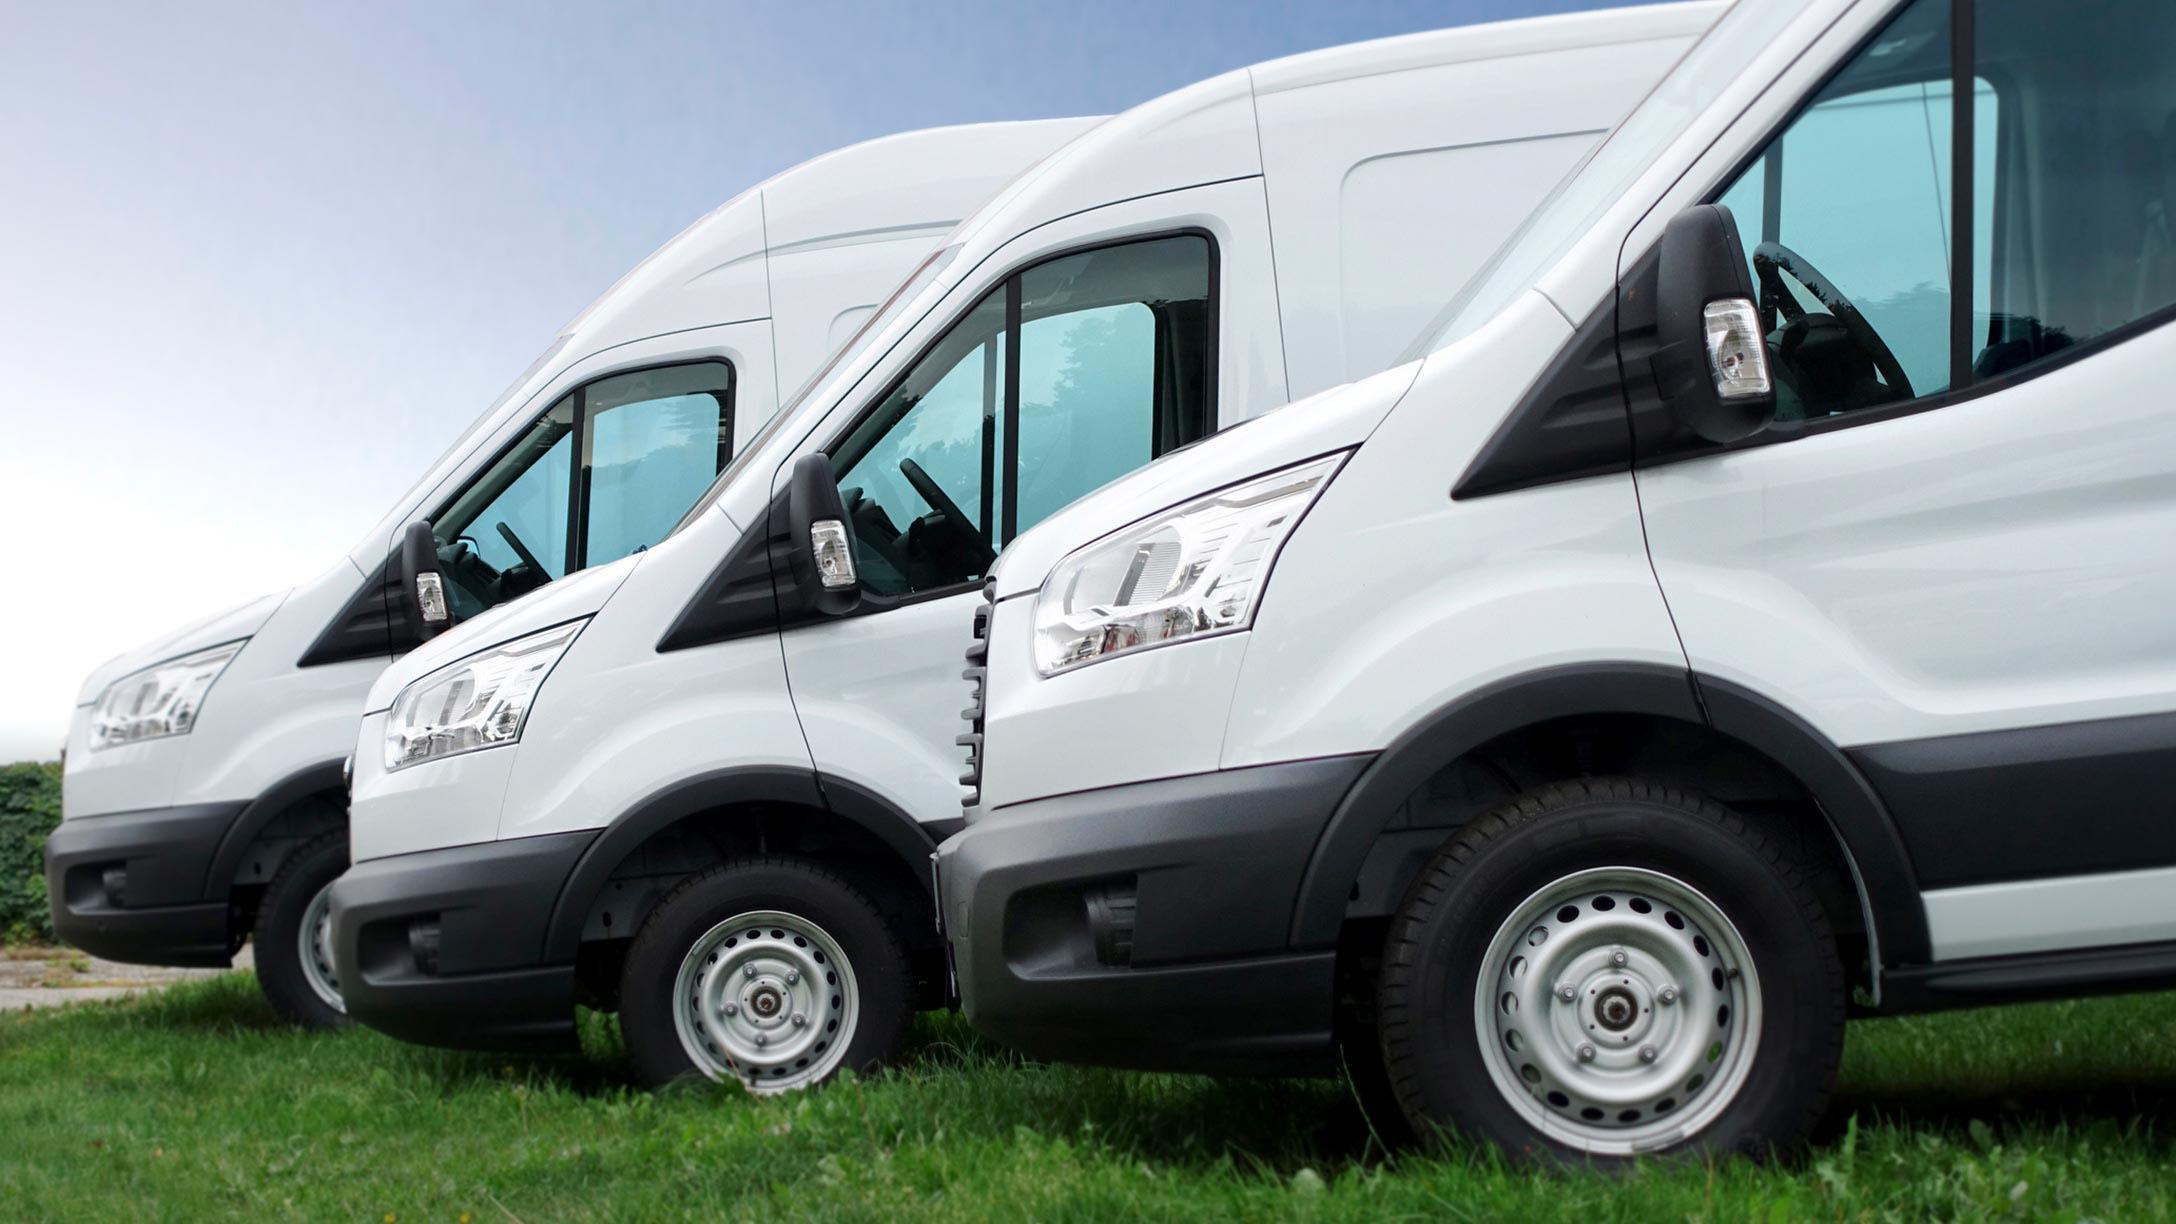 three white parked vans